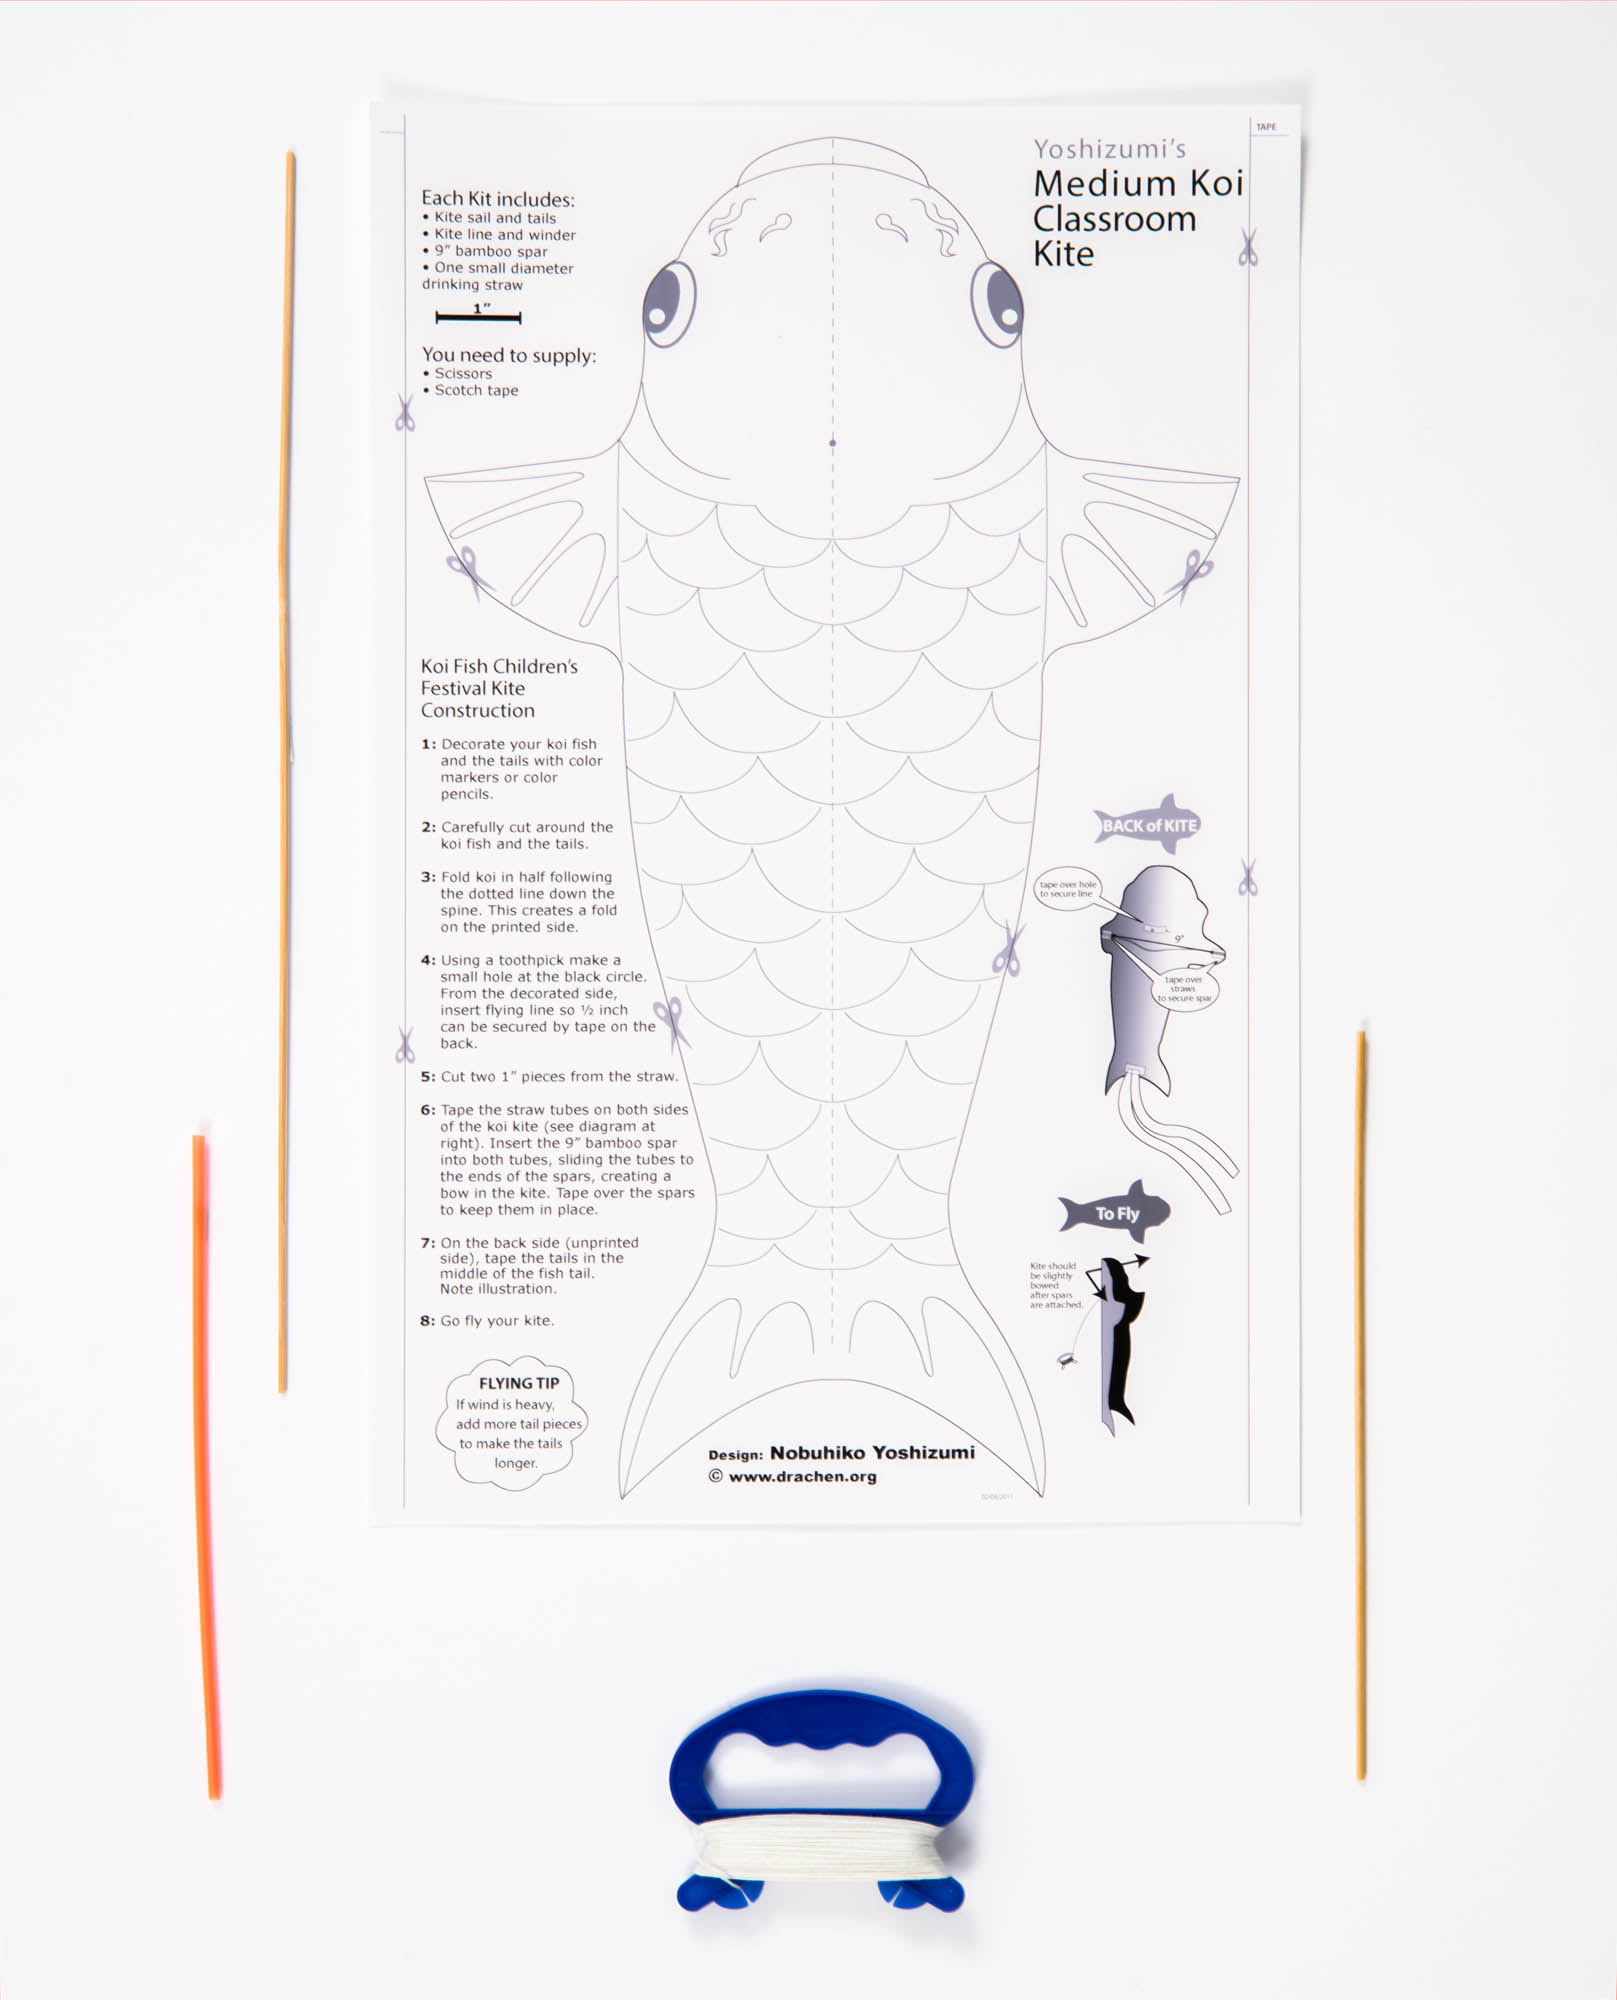 hight resolution of yoshizumi medium koi kit